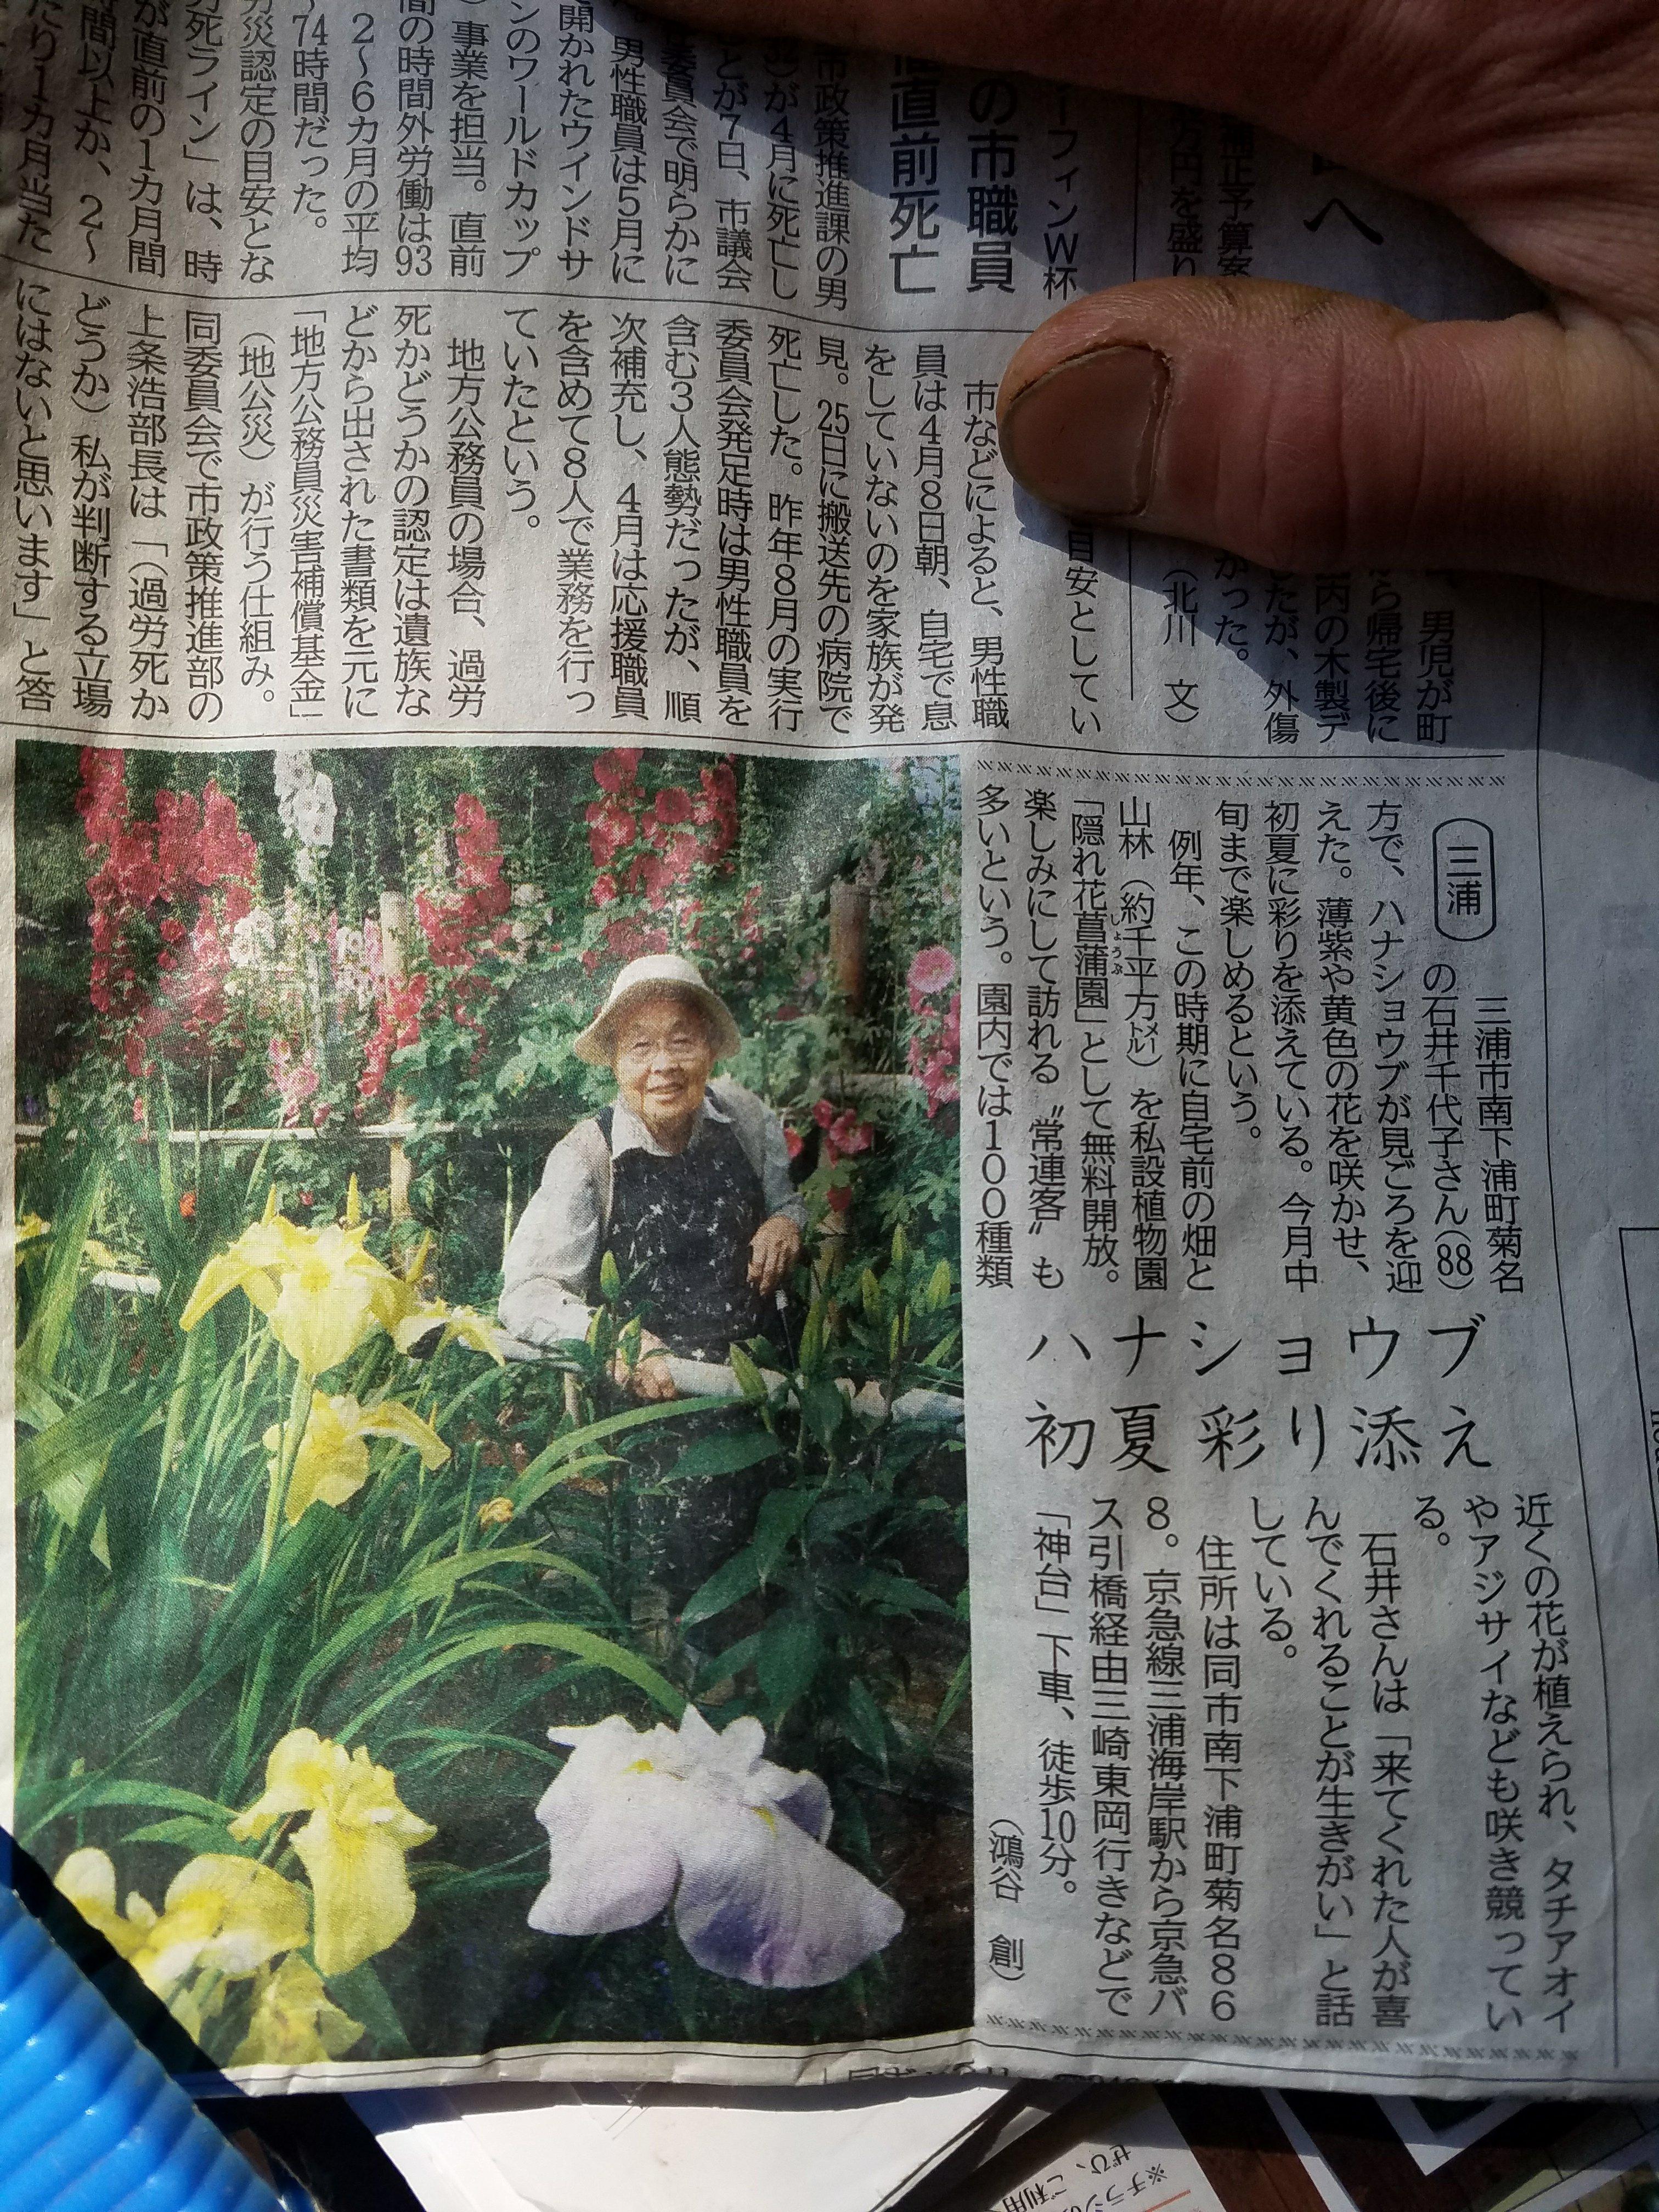 神奈川新聞さんに載せて頂きました